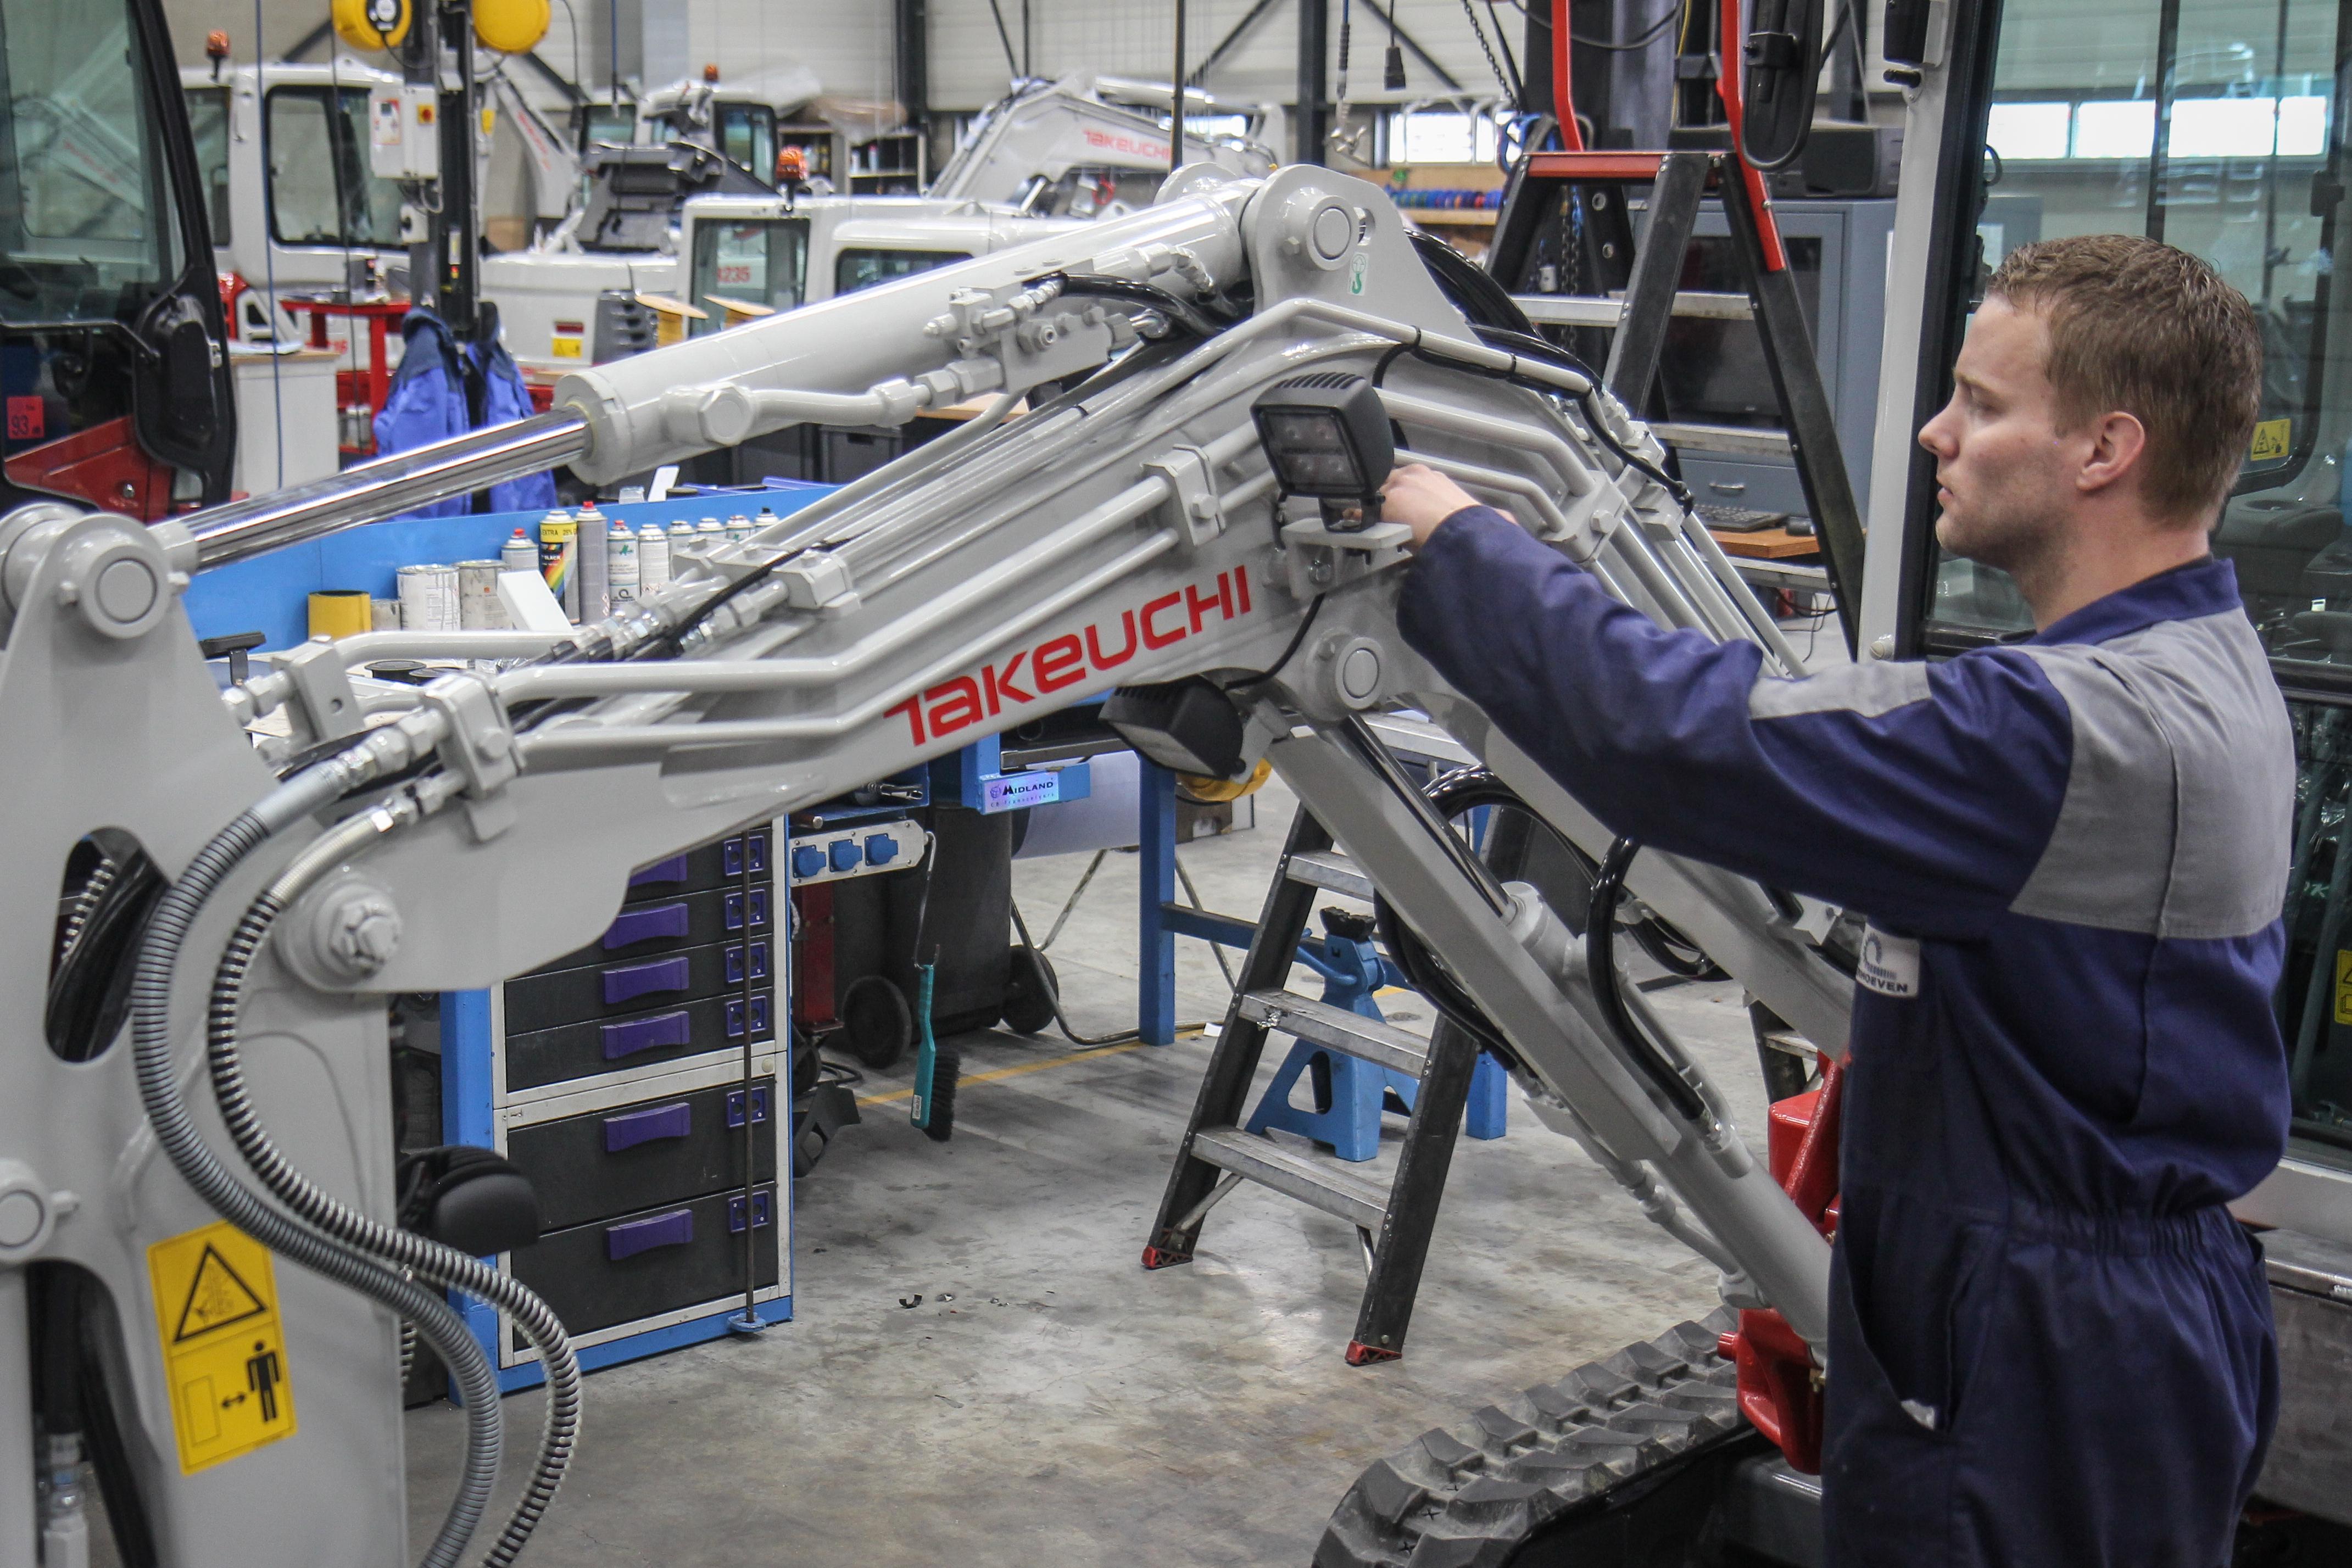 <p>Hoewel Takeuchi machines affabriek zo compleet mogelijk worden geleverd met allerlei opties, worden in de werkplaats van Verhoeven machines vaak ook nog klantspecifiek aangepast. 'De Nederlandse machinist wil altijd nog wat extra's.'</p>